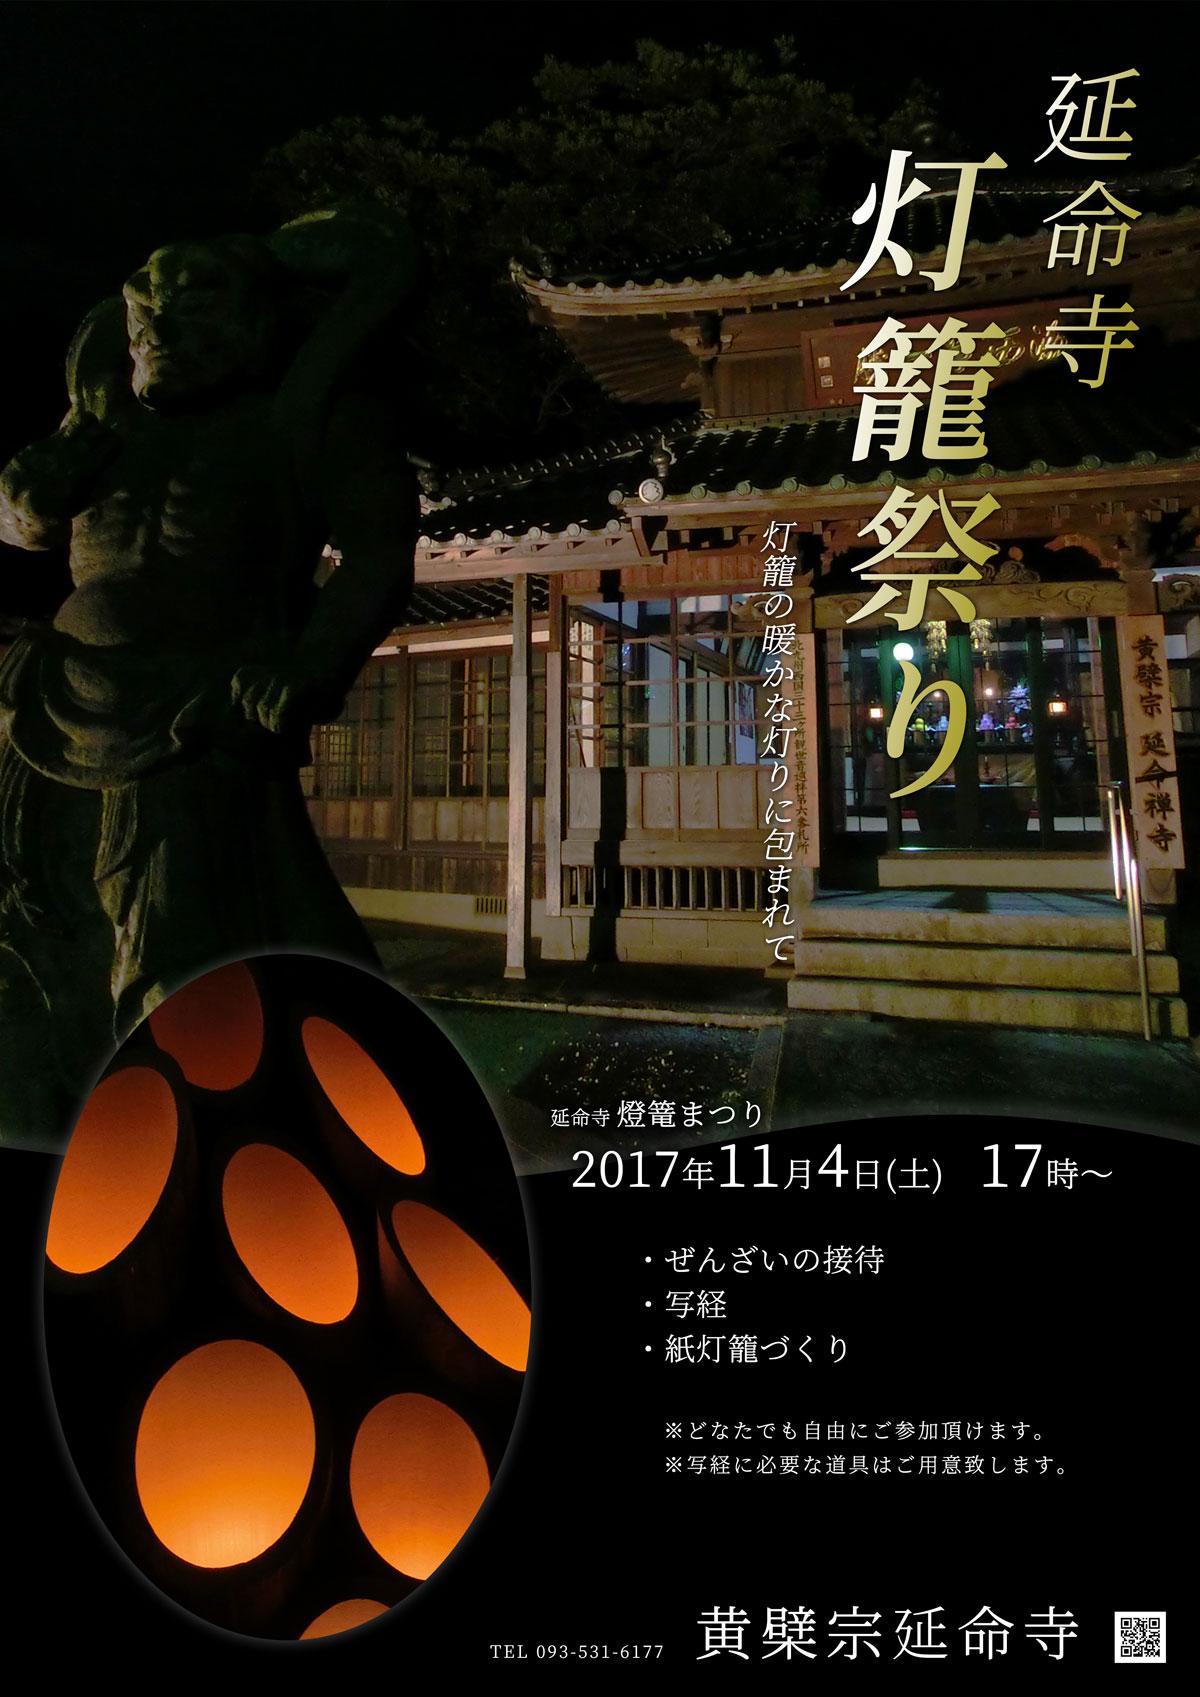 2017年 延命寺 灯籠祭り